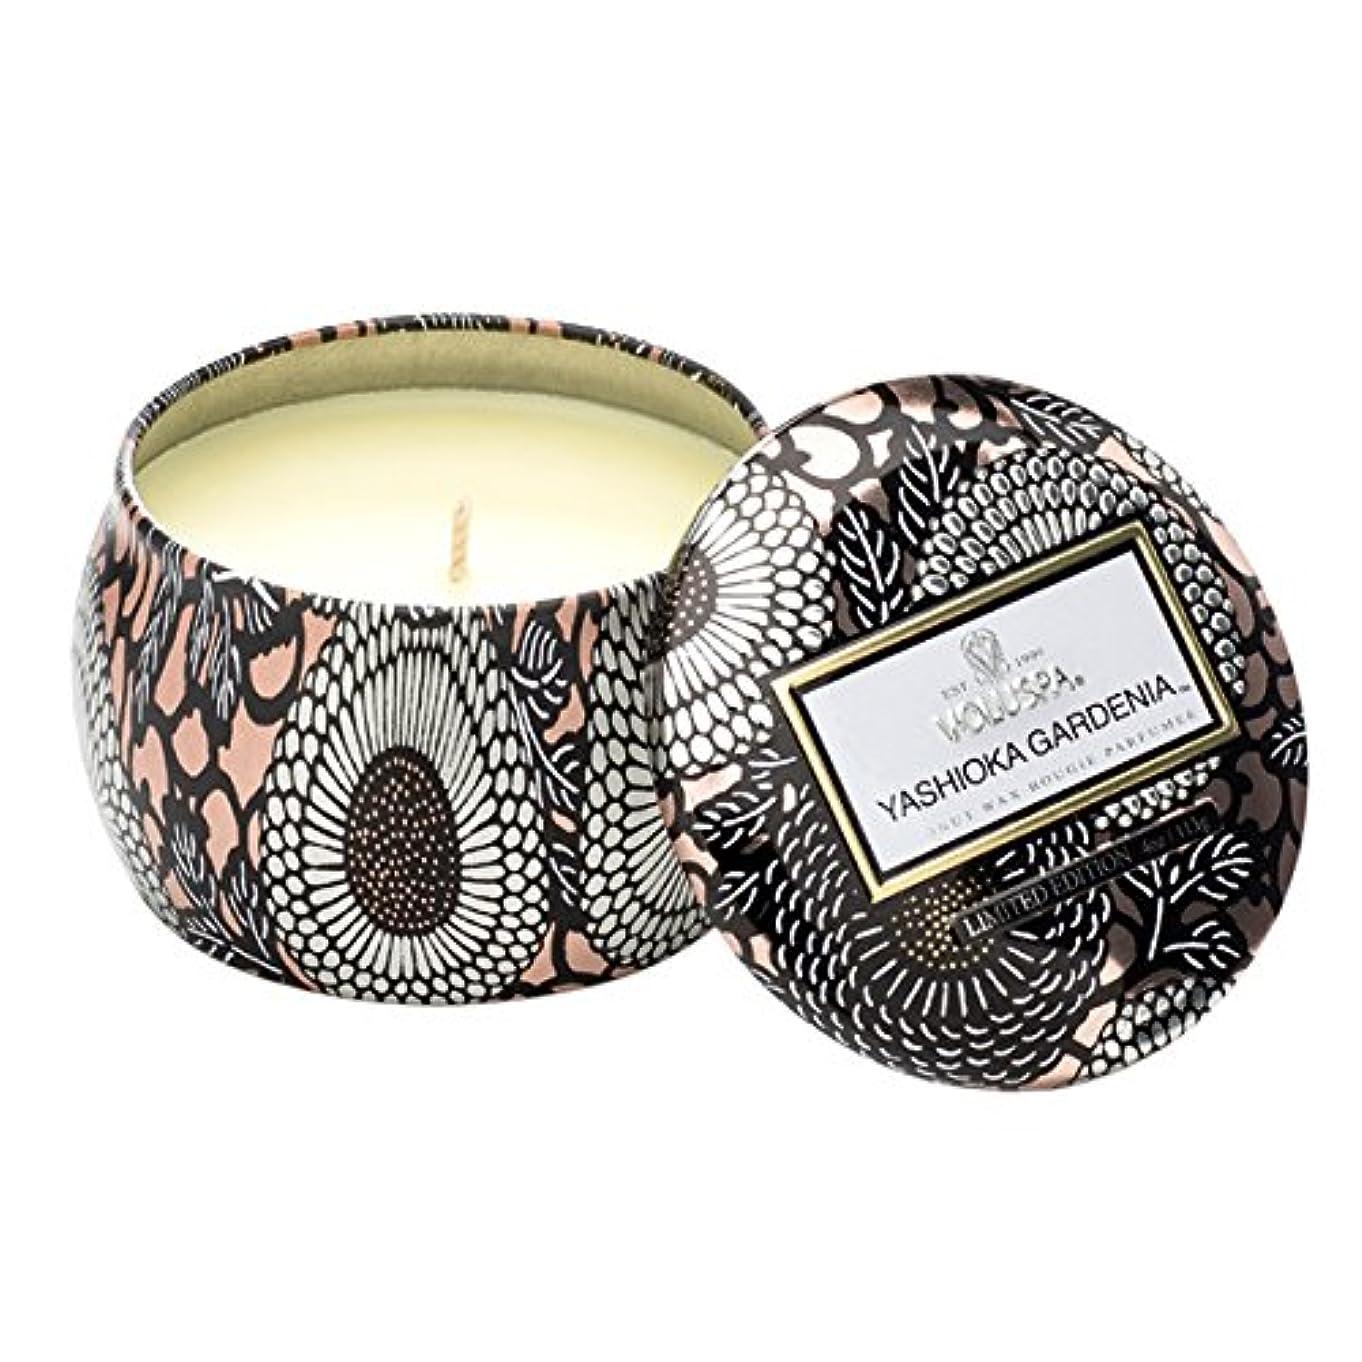 ノベルティ接辞リビジョンVoluspa ボルスパ ジャポニカ リミテッド ティンキャンドル  S ヤシオカガーデニア YASHIOKA GARDENIA JAPONICA Limited PETITE Tin Glass Candle